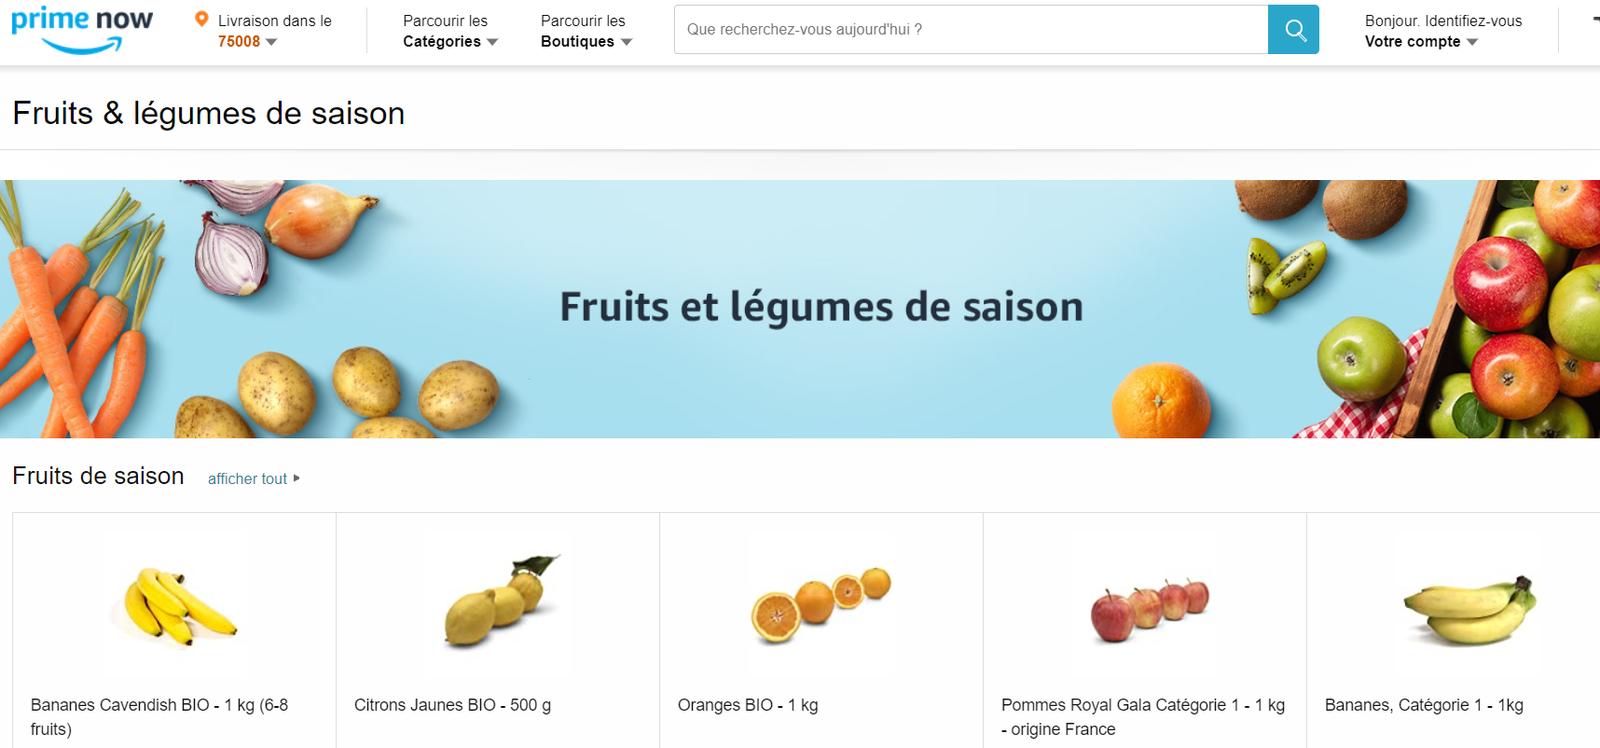 Amazon n'est vraiment plus à l'aise avec la vente en ligne de produits alimentaires. Une confirmation?